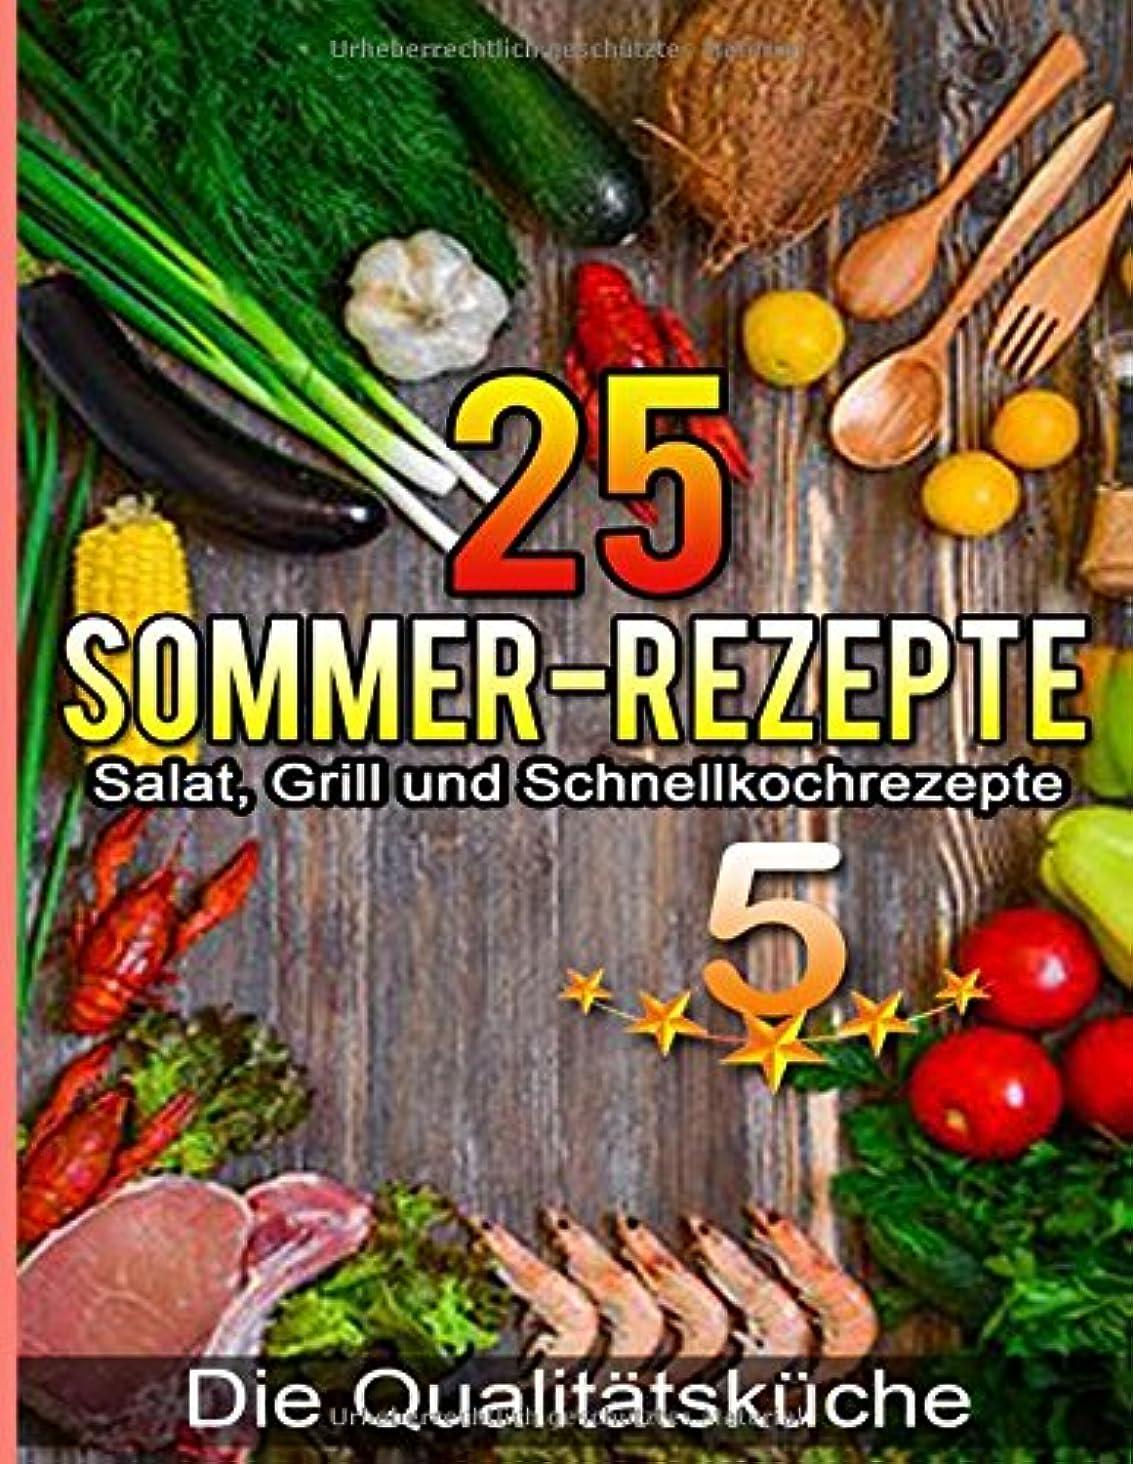 驚いたことに動くトマト25 Sommer-Rezepte: Salat, Grill und Schnellkochrezepte: fuer eine ausgewogene, schmackhafte, gesunde und abwechslungsreiche Ernaehrung